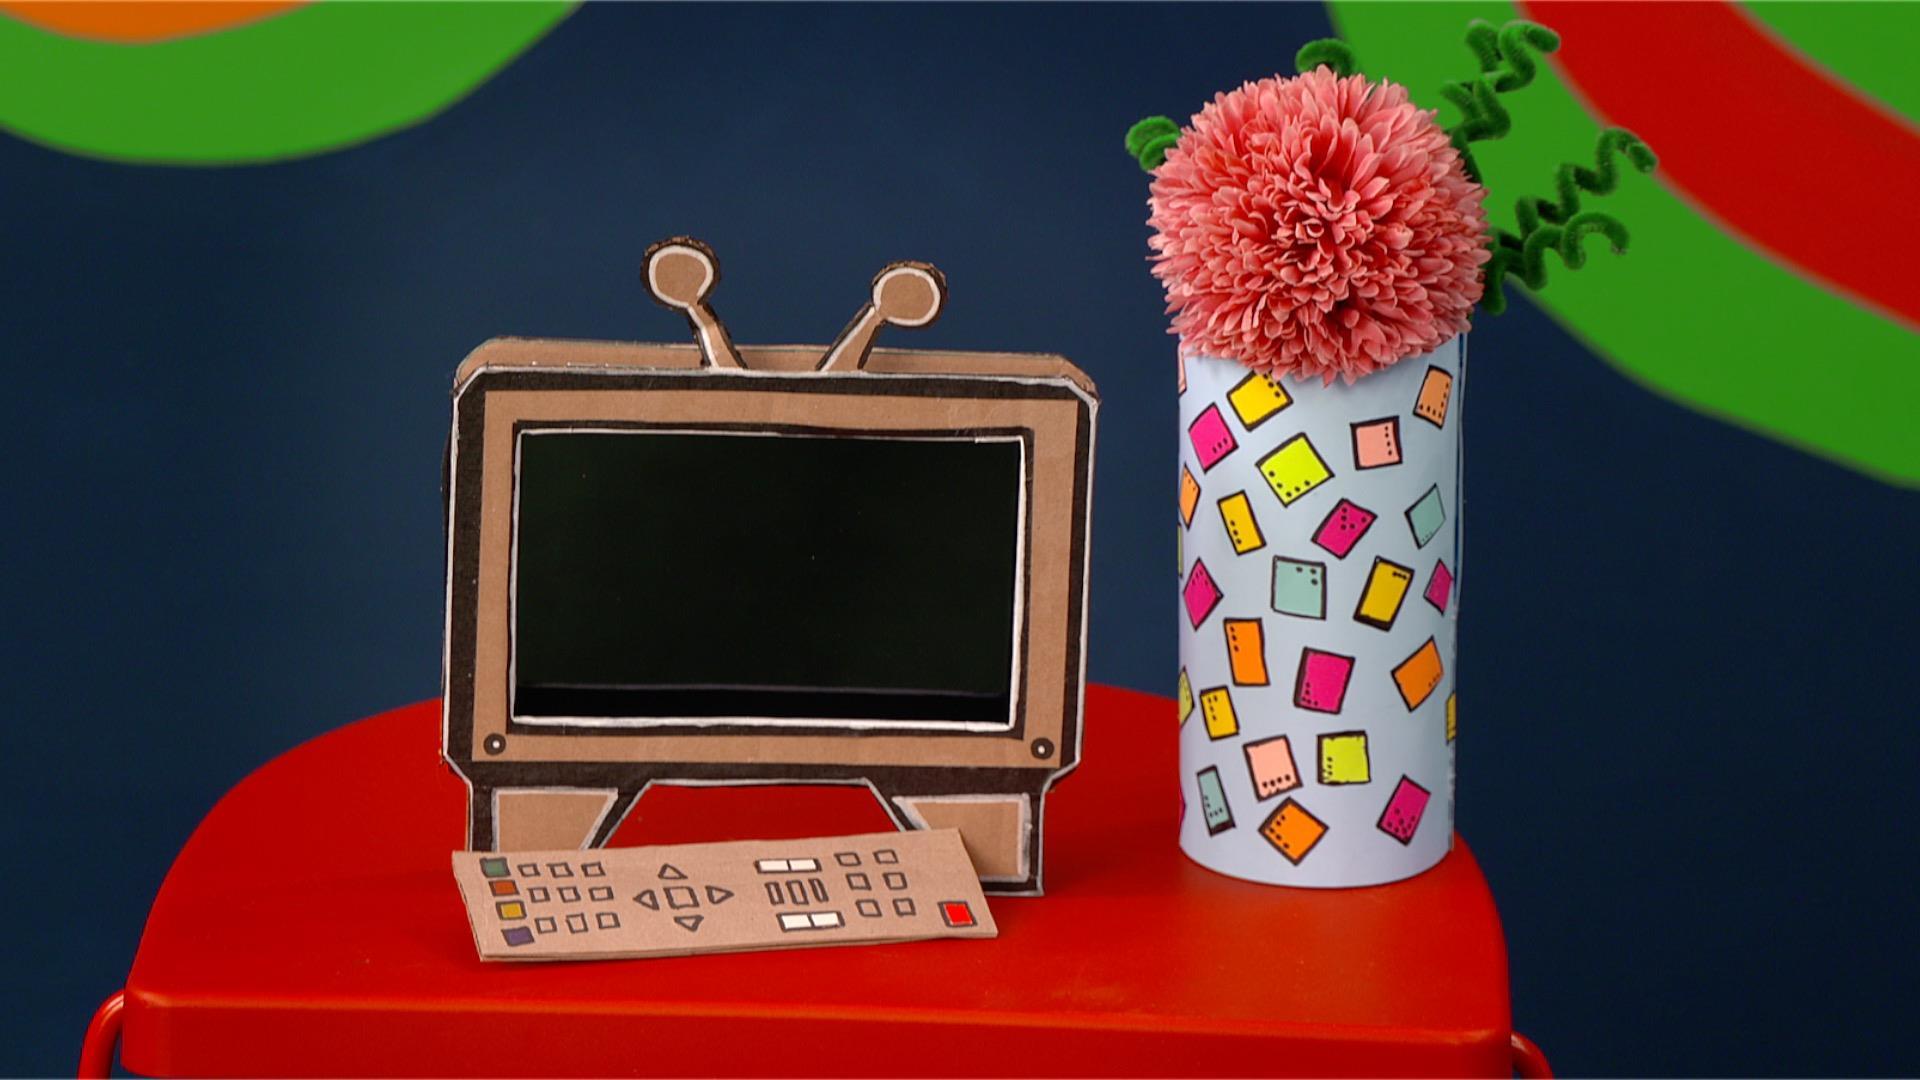 La télé-blette